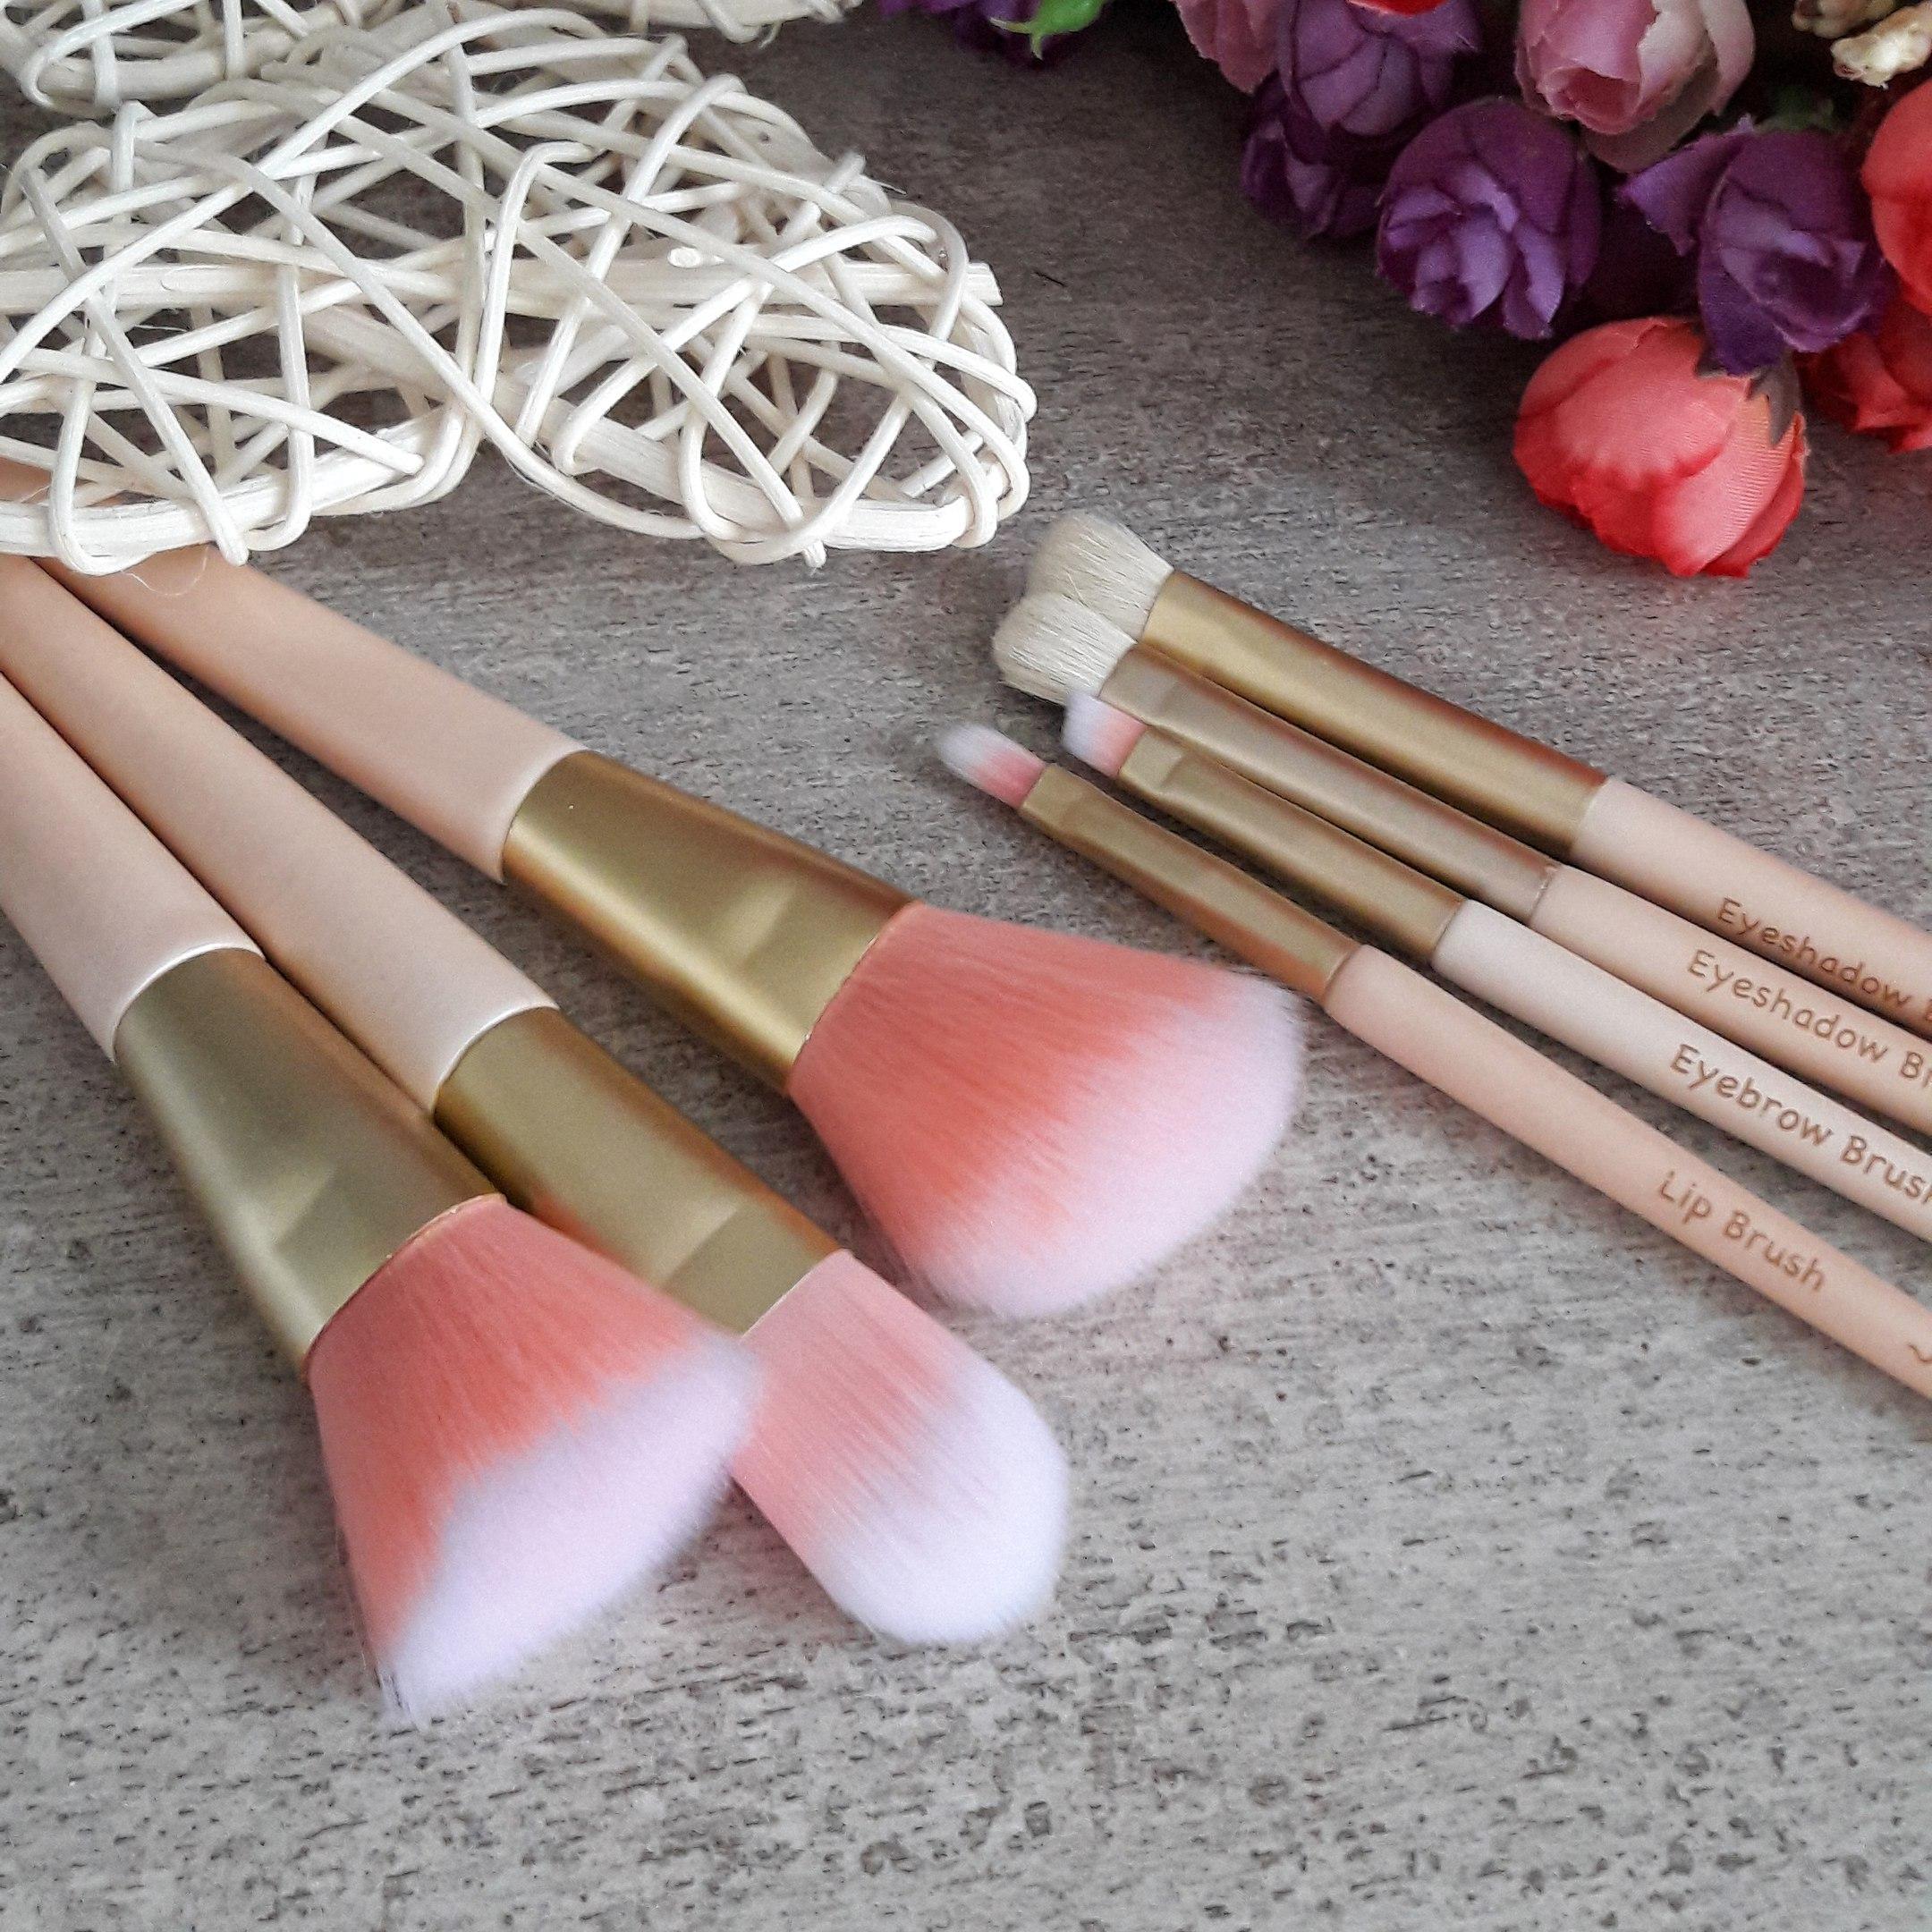 Набор кистей для макияжа от Kinepin